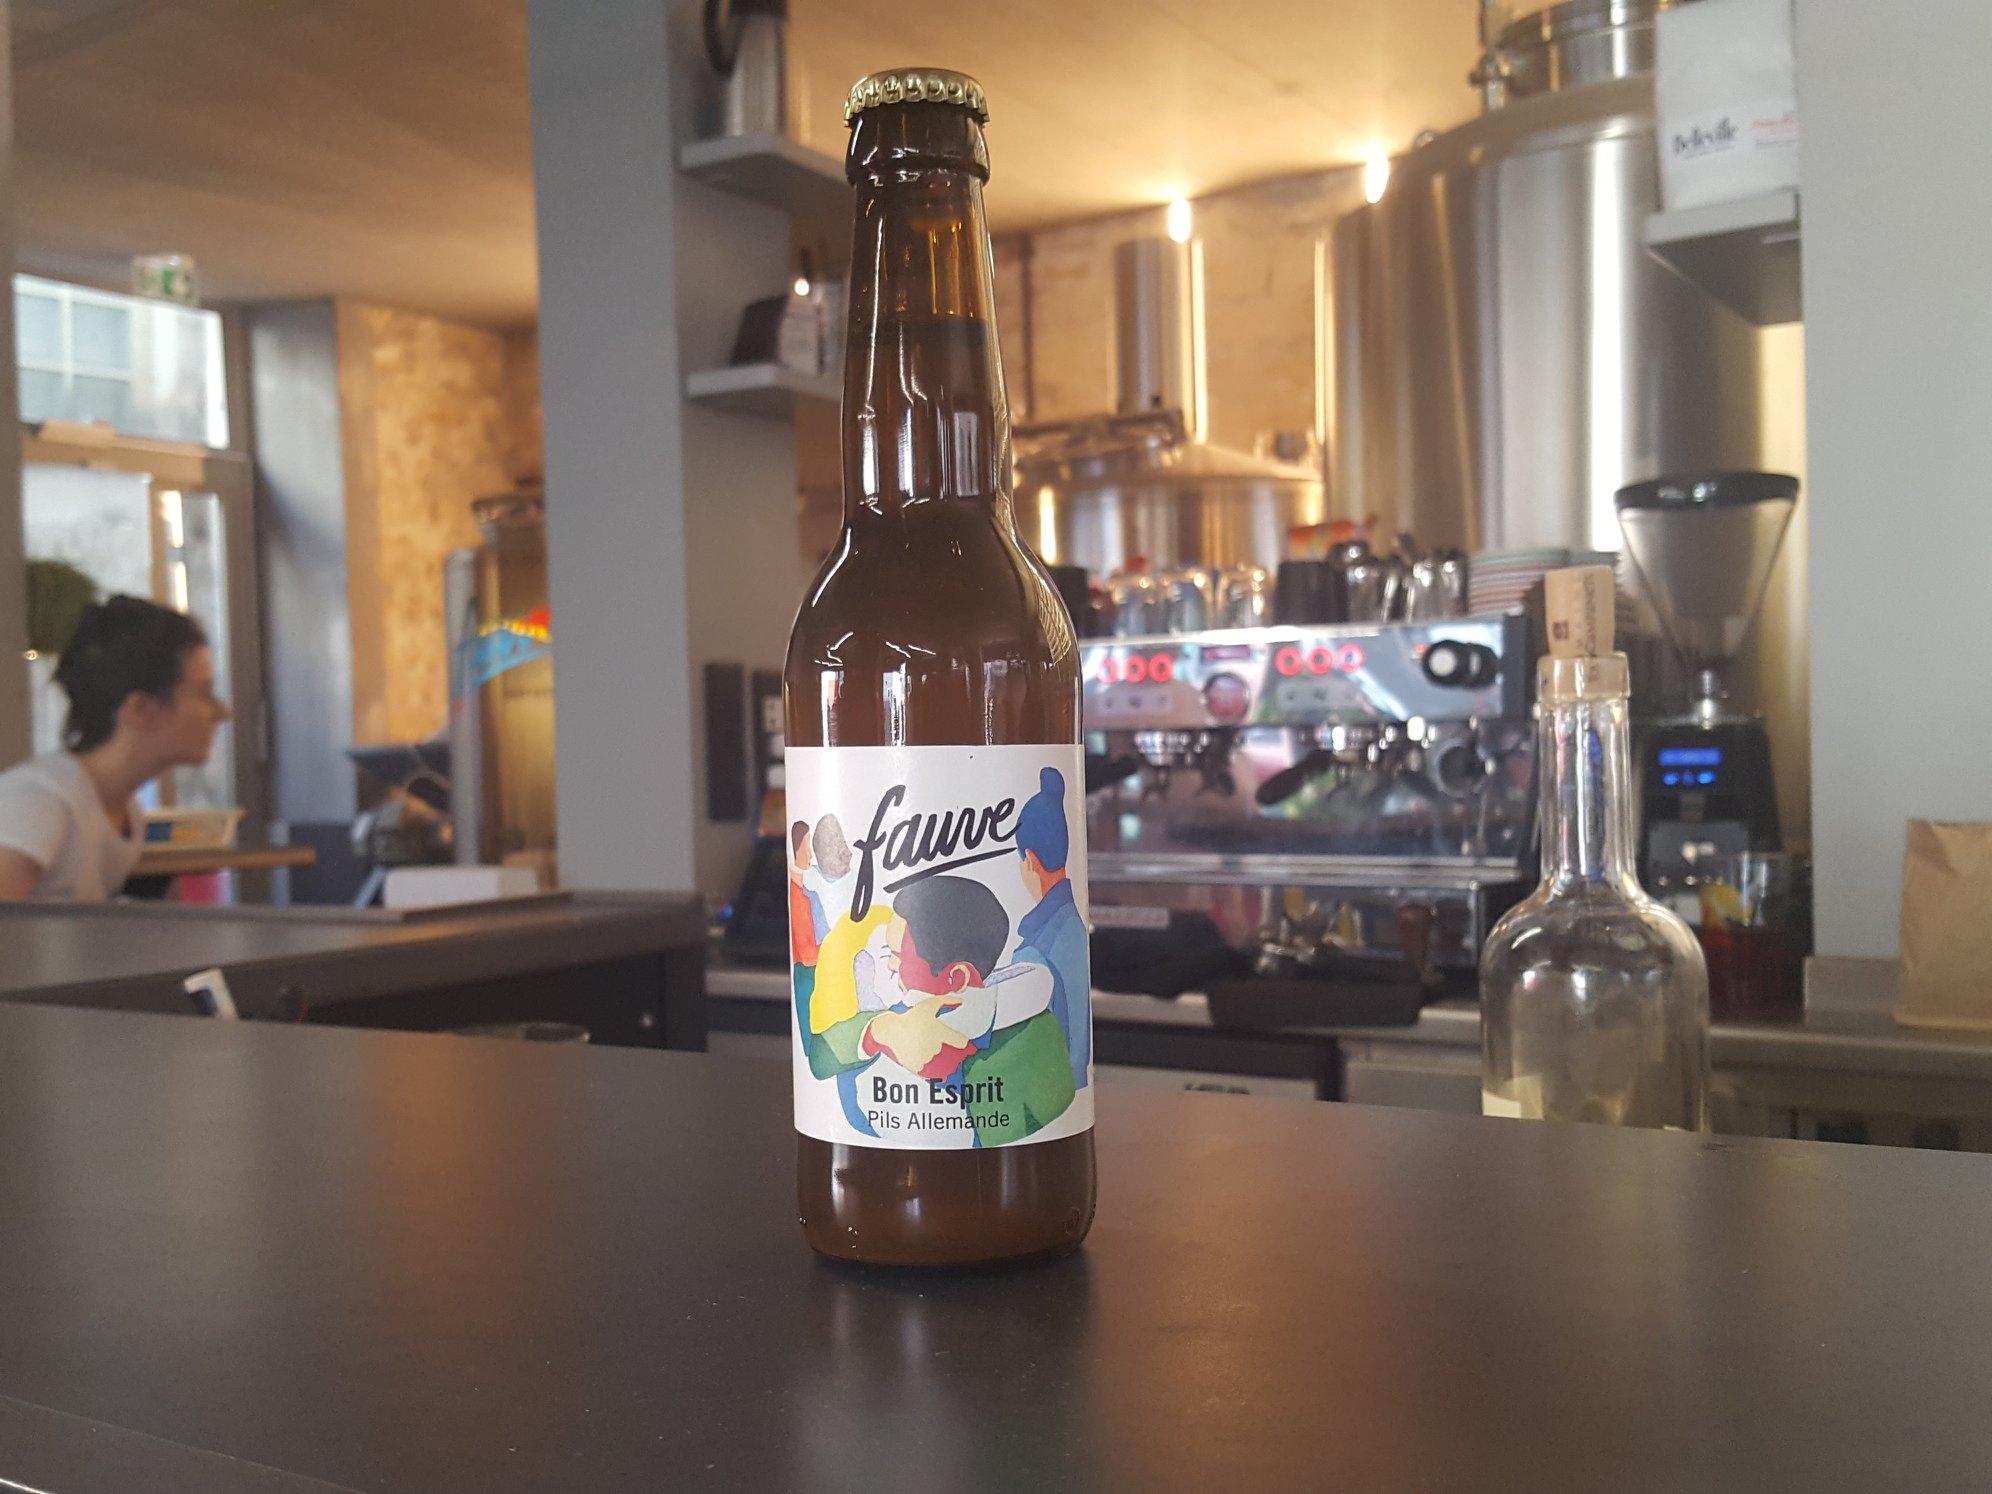 Bon Esprit - Pils allemande de Fauve Craft Bière